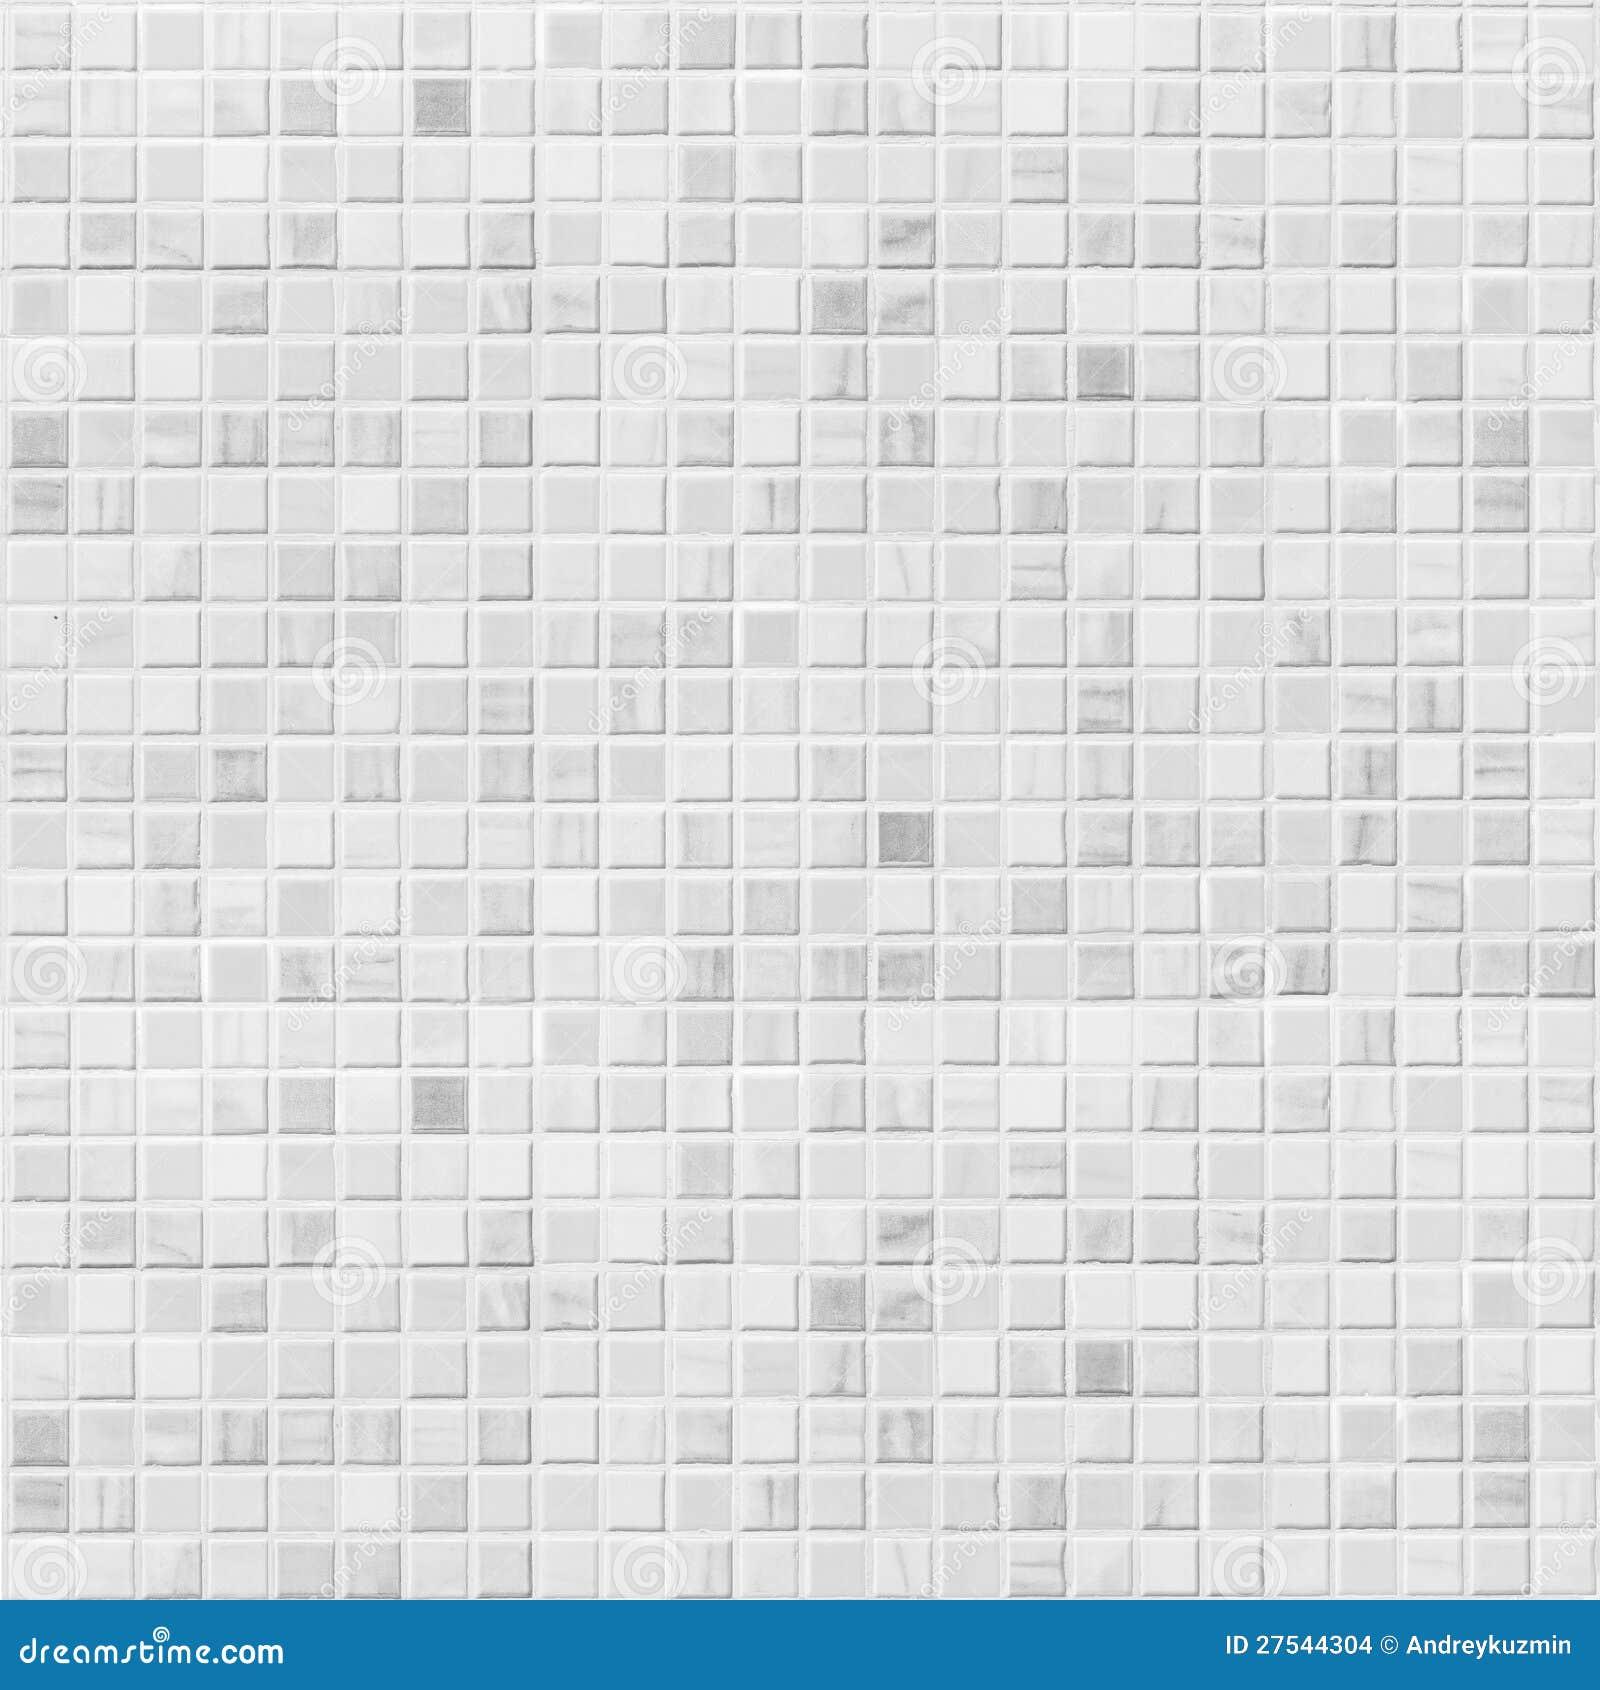 Fondo blanco o gris de la pared del azulejo imagenes de - Azulejos de pared ...